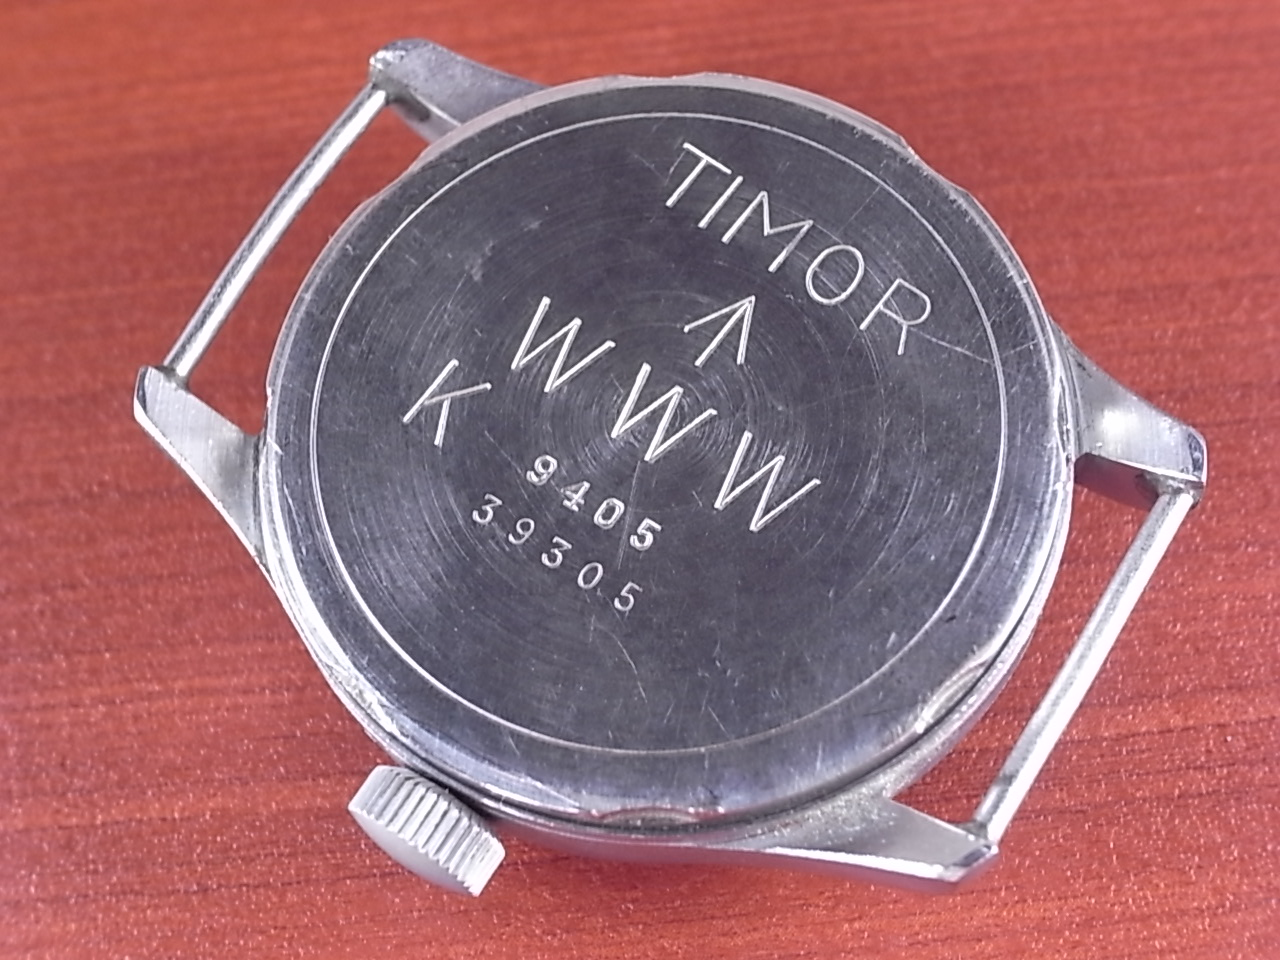 ティモール イギリス陸軍 W.W.W. ダーティダース 第二次世界大戦 1940年代の写真4枚目